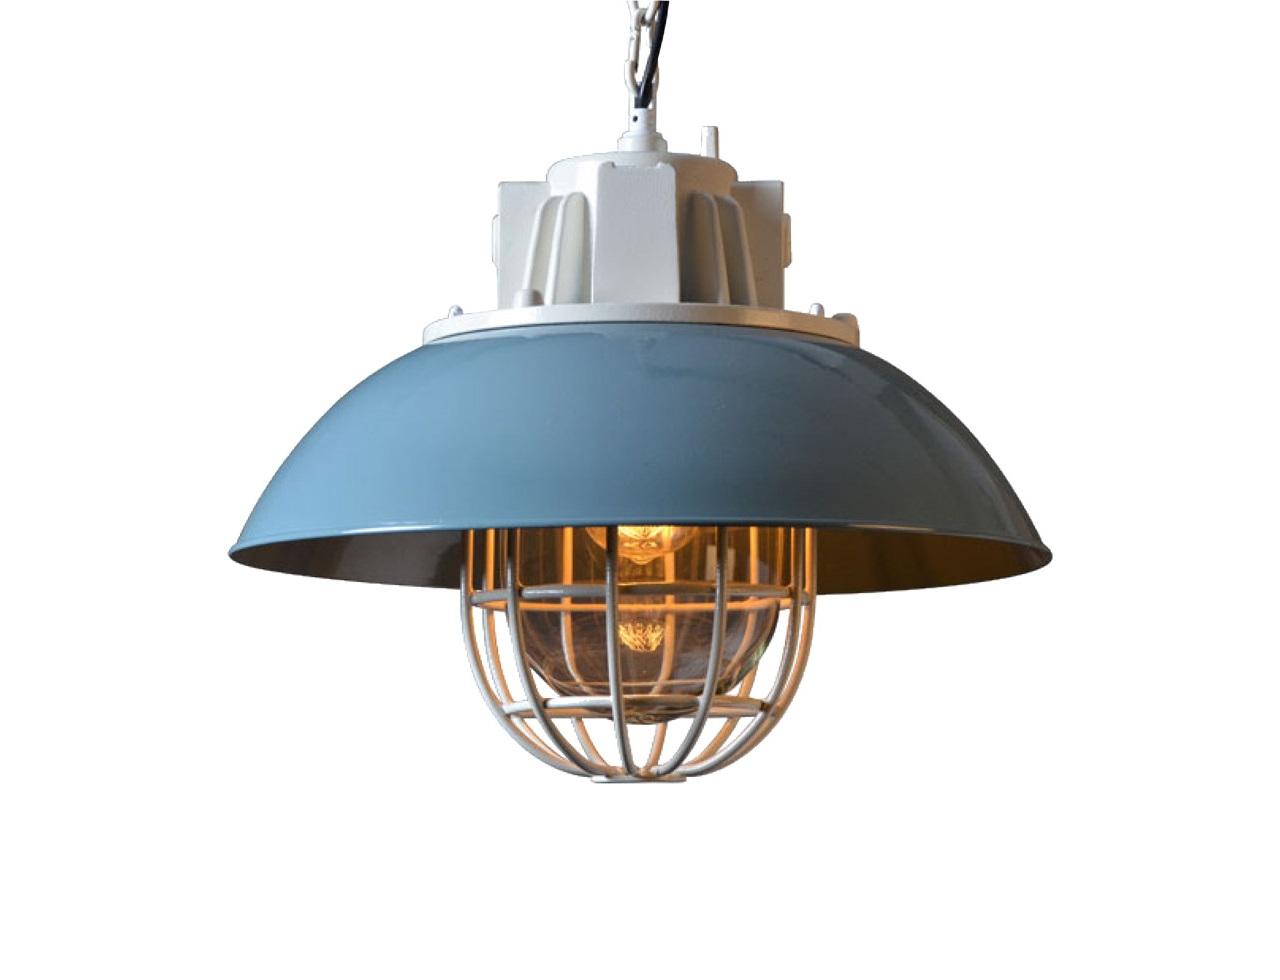 Подвесной светильник Astor ChandelierПодвесные светильники<br>&amp;quot;Astor Chandelier&amp;quot; ? светильник, при взгляде на который рождаются ассоциации с серединой прошлого столетия. В мыслях сразу же возникают образы фабричных помещений, наполненных тусклым светом ретро-фонарей. Удивительная атмосфера, присутствующая в этих образах, может прийти и в ваш дом. Светильник, выполненный из металла голубого цвета и дополненный декоративной решеткой, добавит столовой, холлу или рабочему кабинету очарование лофта, рожденное на стыке брутальности и элегантной сдержанности.&amp;lt;div&amp;gt;&amp;lt;br&amp;gt;&amp;lt;/div&amp;gt;&amp;lt;div&amp;gt;Подвесной светильник выполнен из металла голубого цвета.&amp;lt;/div&amp;gt;&amp;lt;div&amp;gt;Лампа располагается под декоративной решеткой.&amp;lt;/div&amp;gt;&amp;lt;div&amp;gt;Высота светильника регулируется.&amp;lt;/div&amp;gt;&amp;lt;div&amp;gt;Цоколь: E27&amp;lt;/div&amp;gt;&amp;lt;div&amp;gt;Мощность: 40W&amp;lt;/div&amp;gt;&amp;lt;div&amp;gt;Количество ламп: 1&amp;lt;/div&amp;gt;&amp;lt;div&amp;gt;Лампа в комплект не входит&amp;lt;/div&amp;gt;<br><br>Material: Металл<br>Height см: 41<br>Diameter см: 44